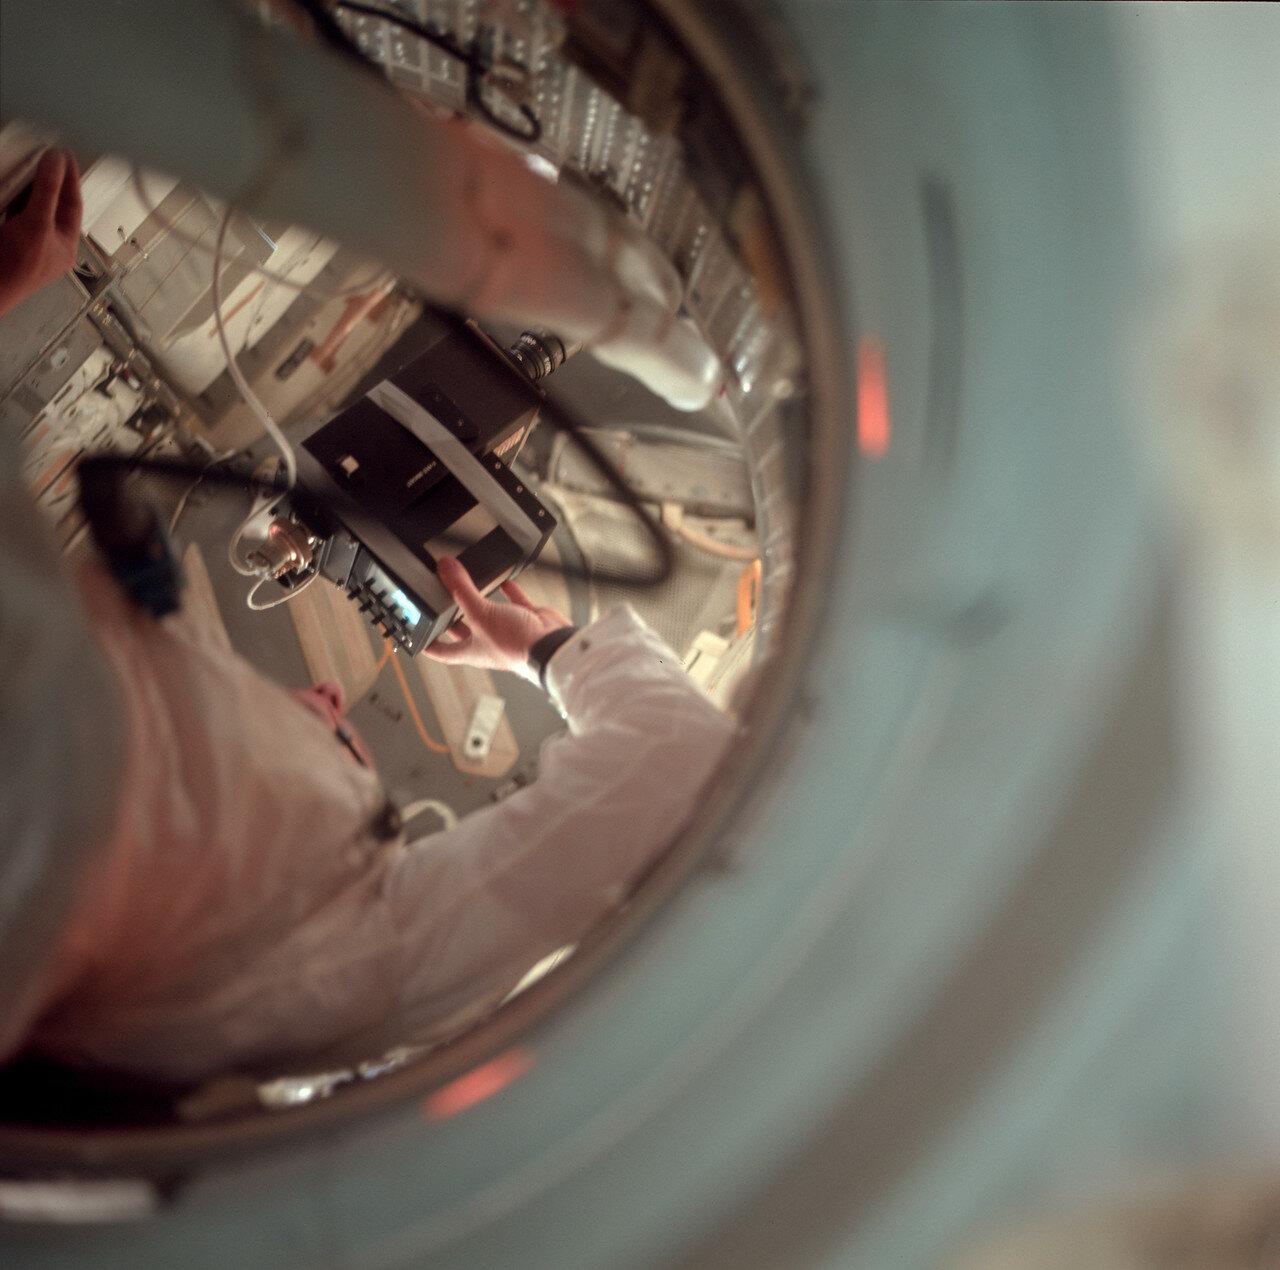 1969. Бортовая телекамера была цветной и давала изображение хорошего качества. Трансляция продолжалась чуть больше 16 минут